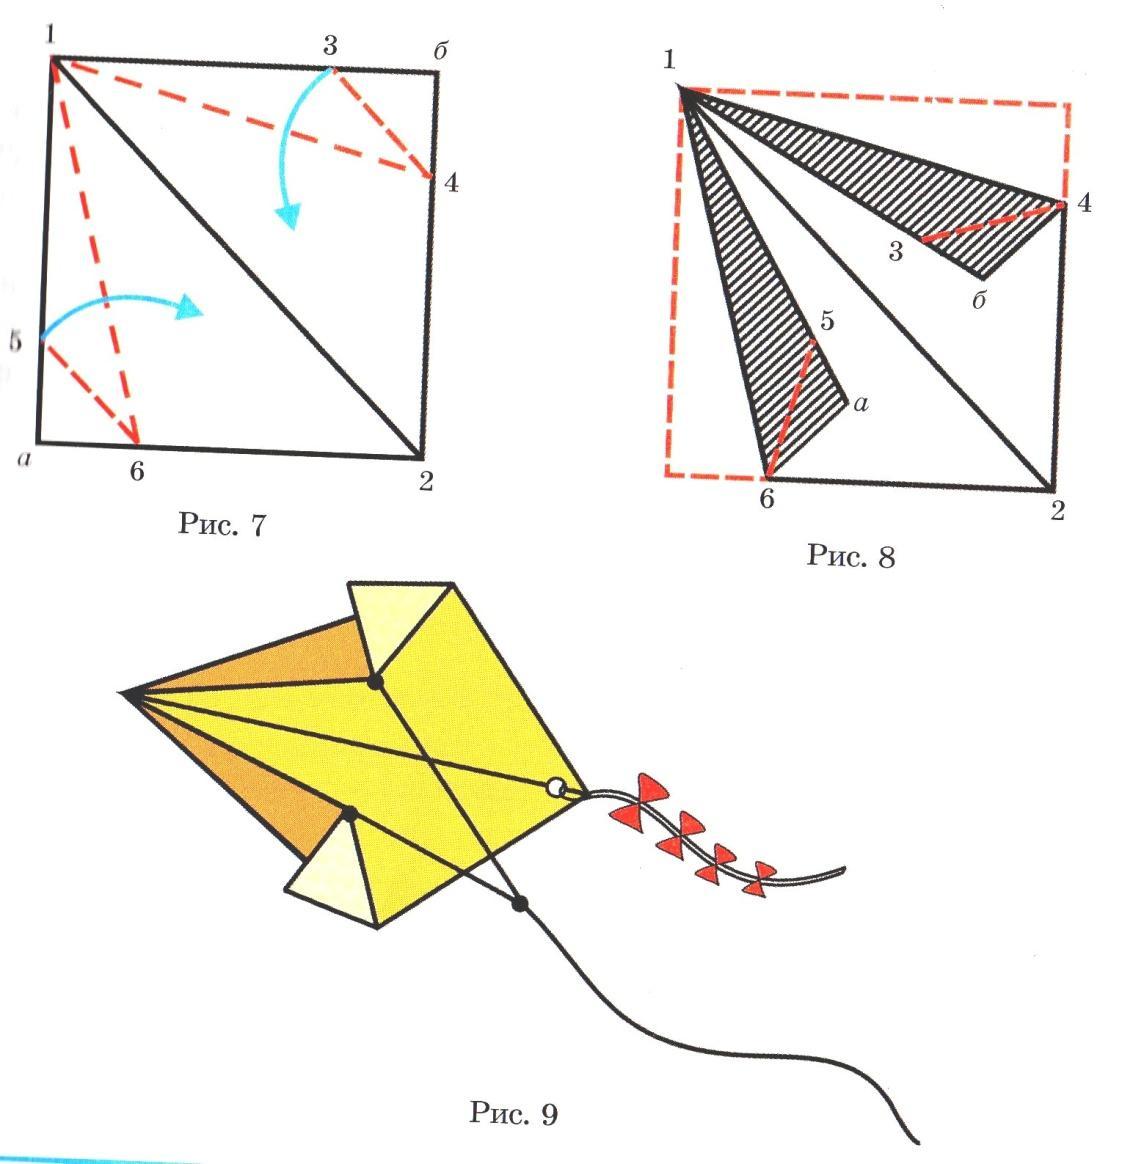 воздушный змей инструкция картинки растерянности